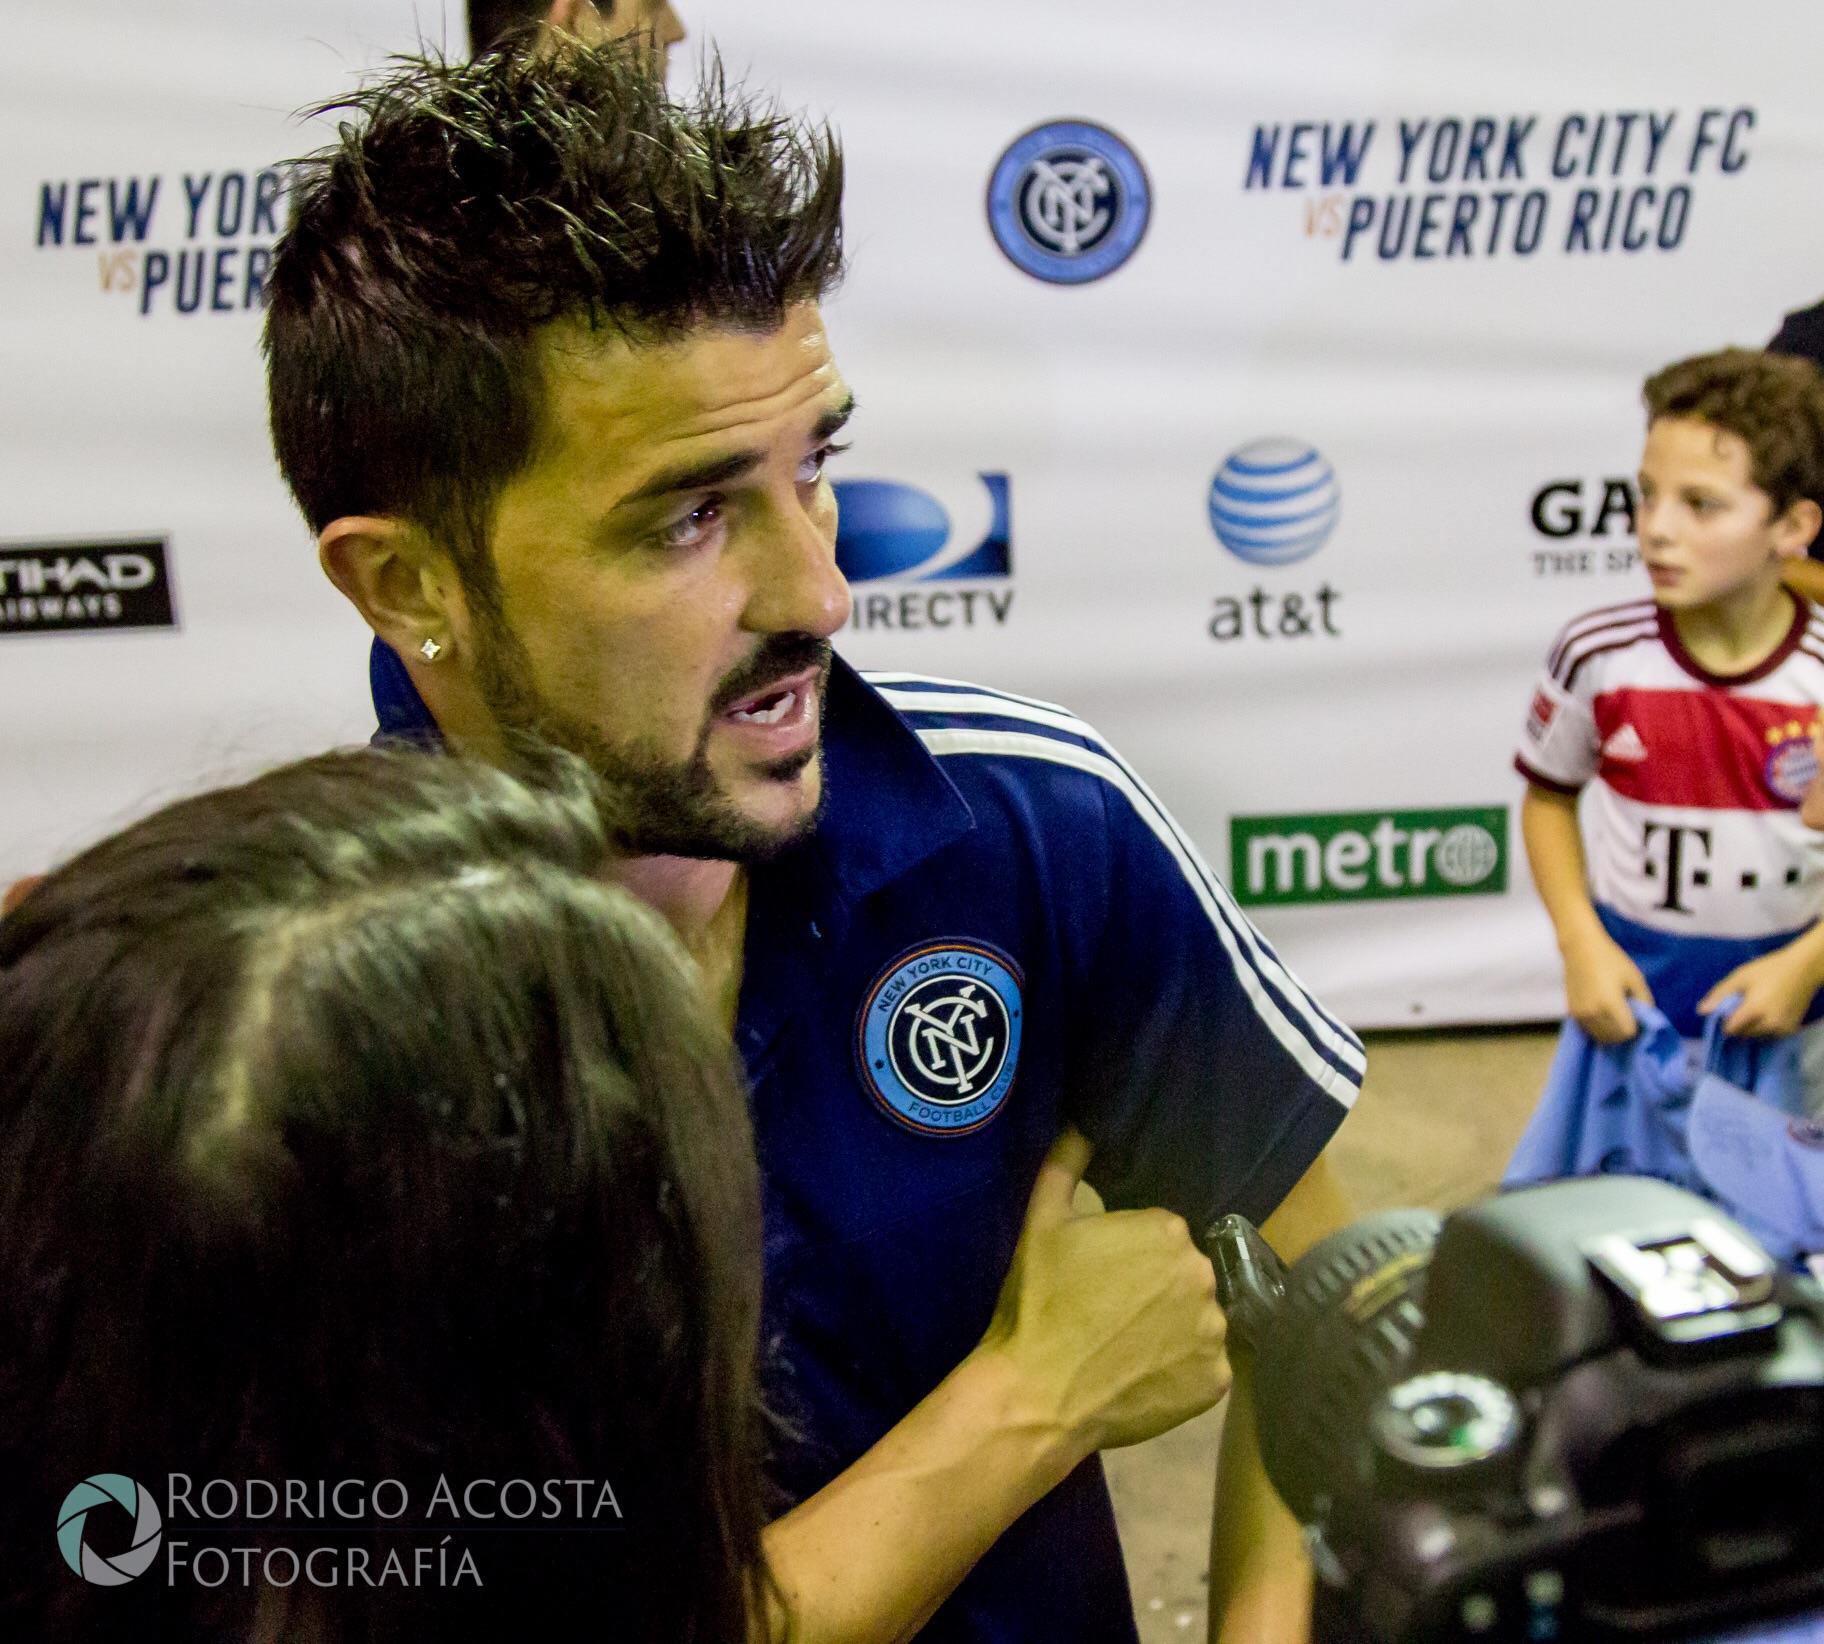 Copyright Rodrigo Acosta Fotografía